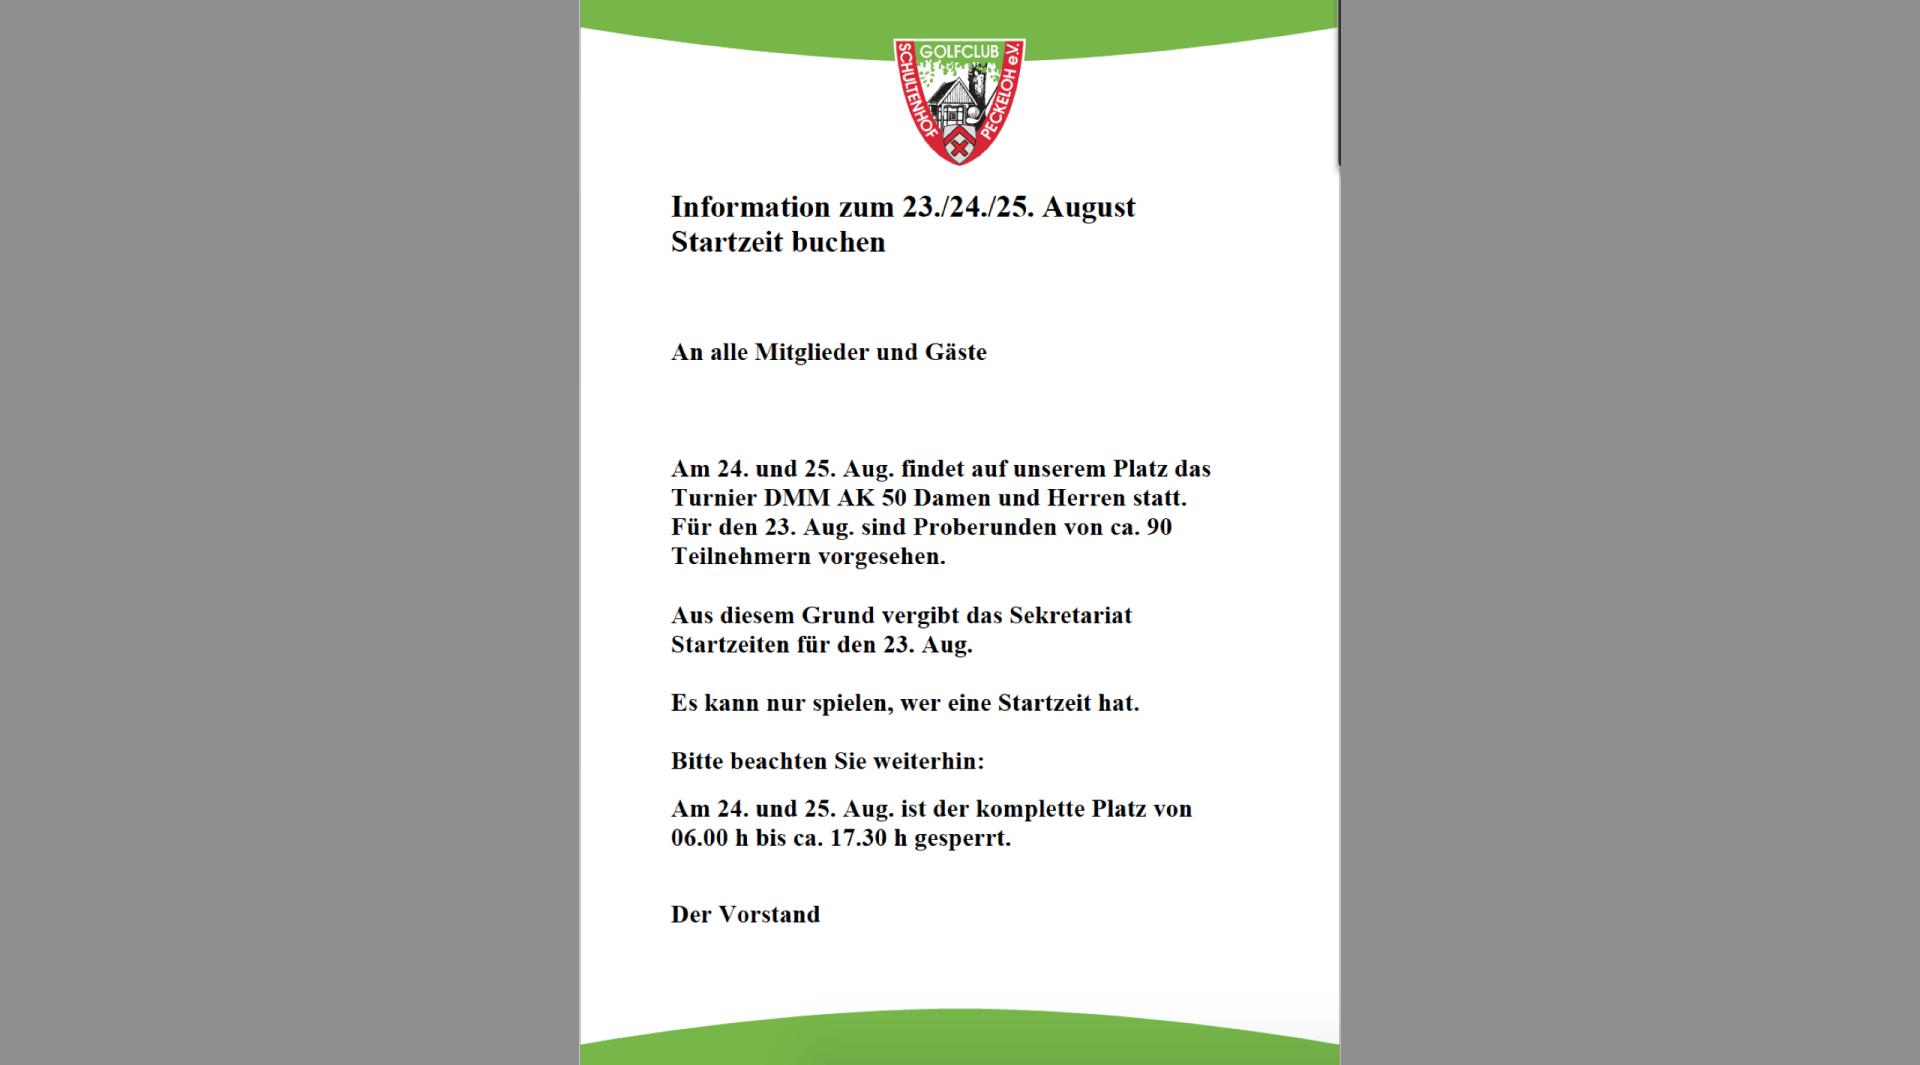 https://golfclub-peckeloh.de/wp-content/uploads/2019/08/Bildschirmfoto-2019-08-16-um-10.24.25.png